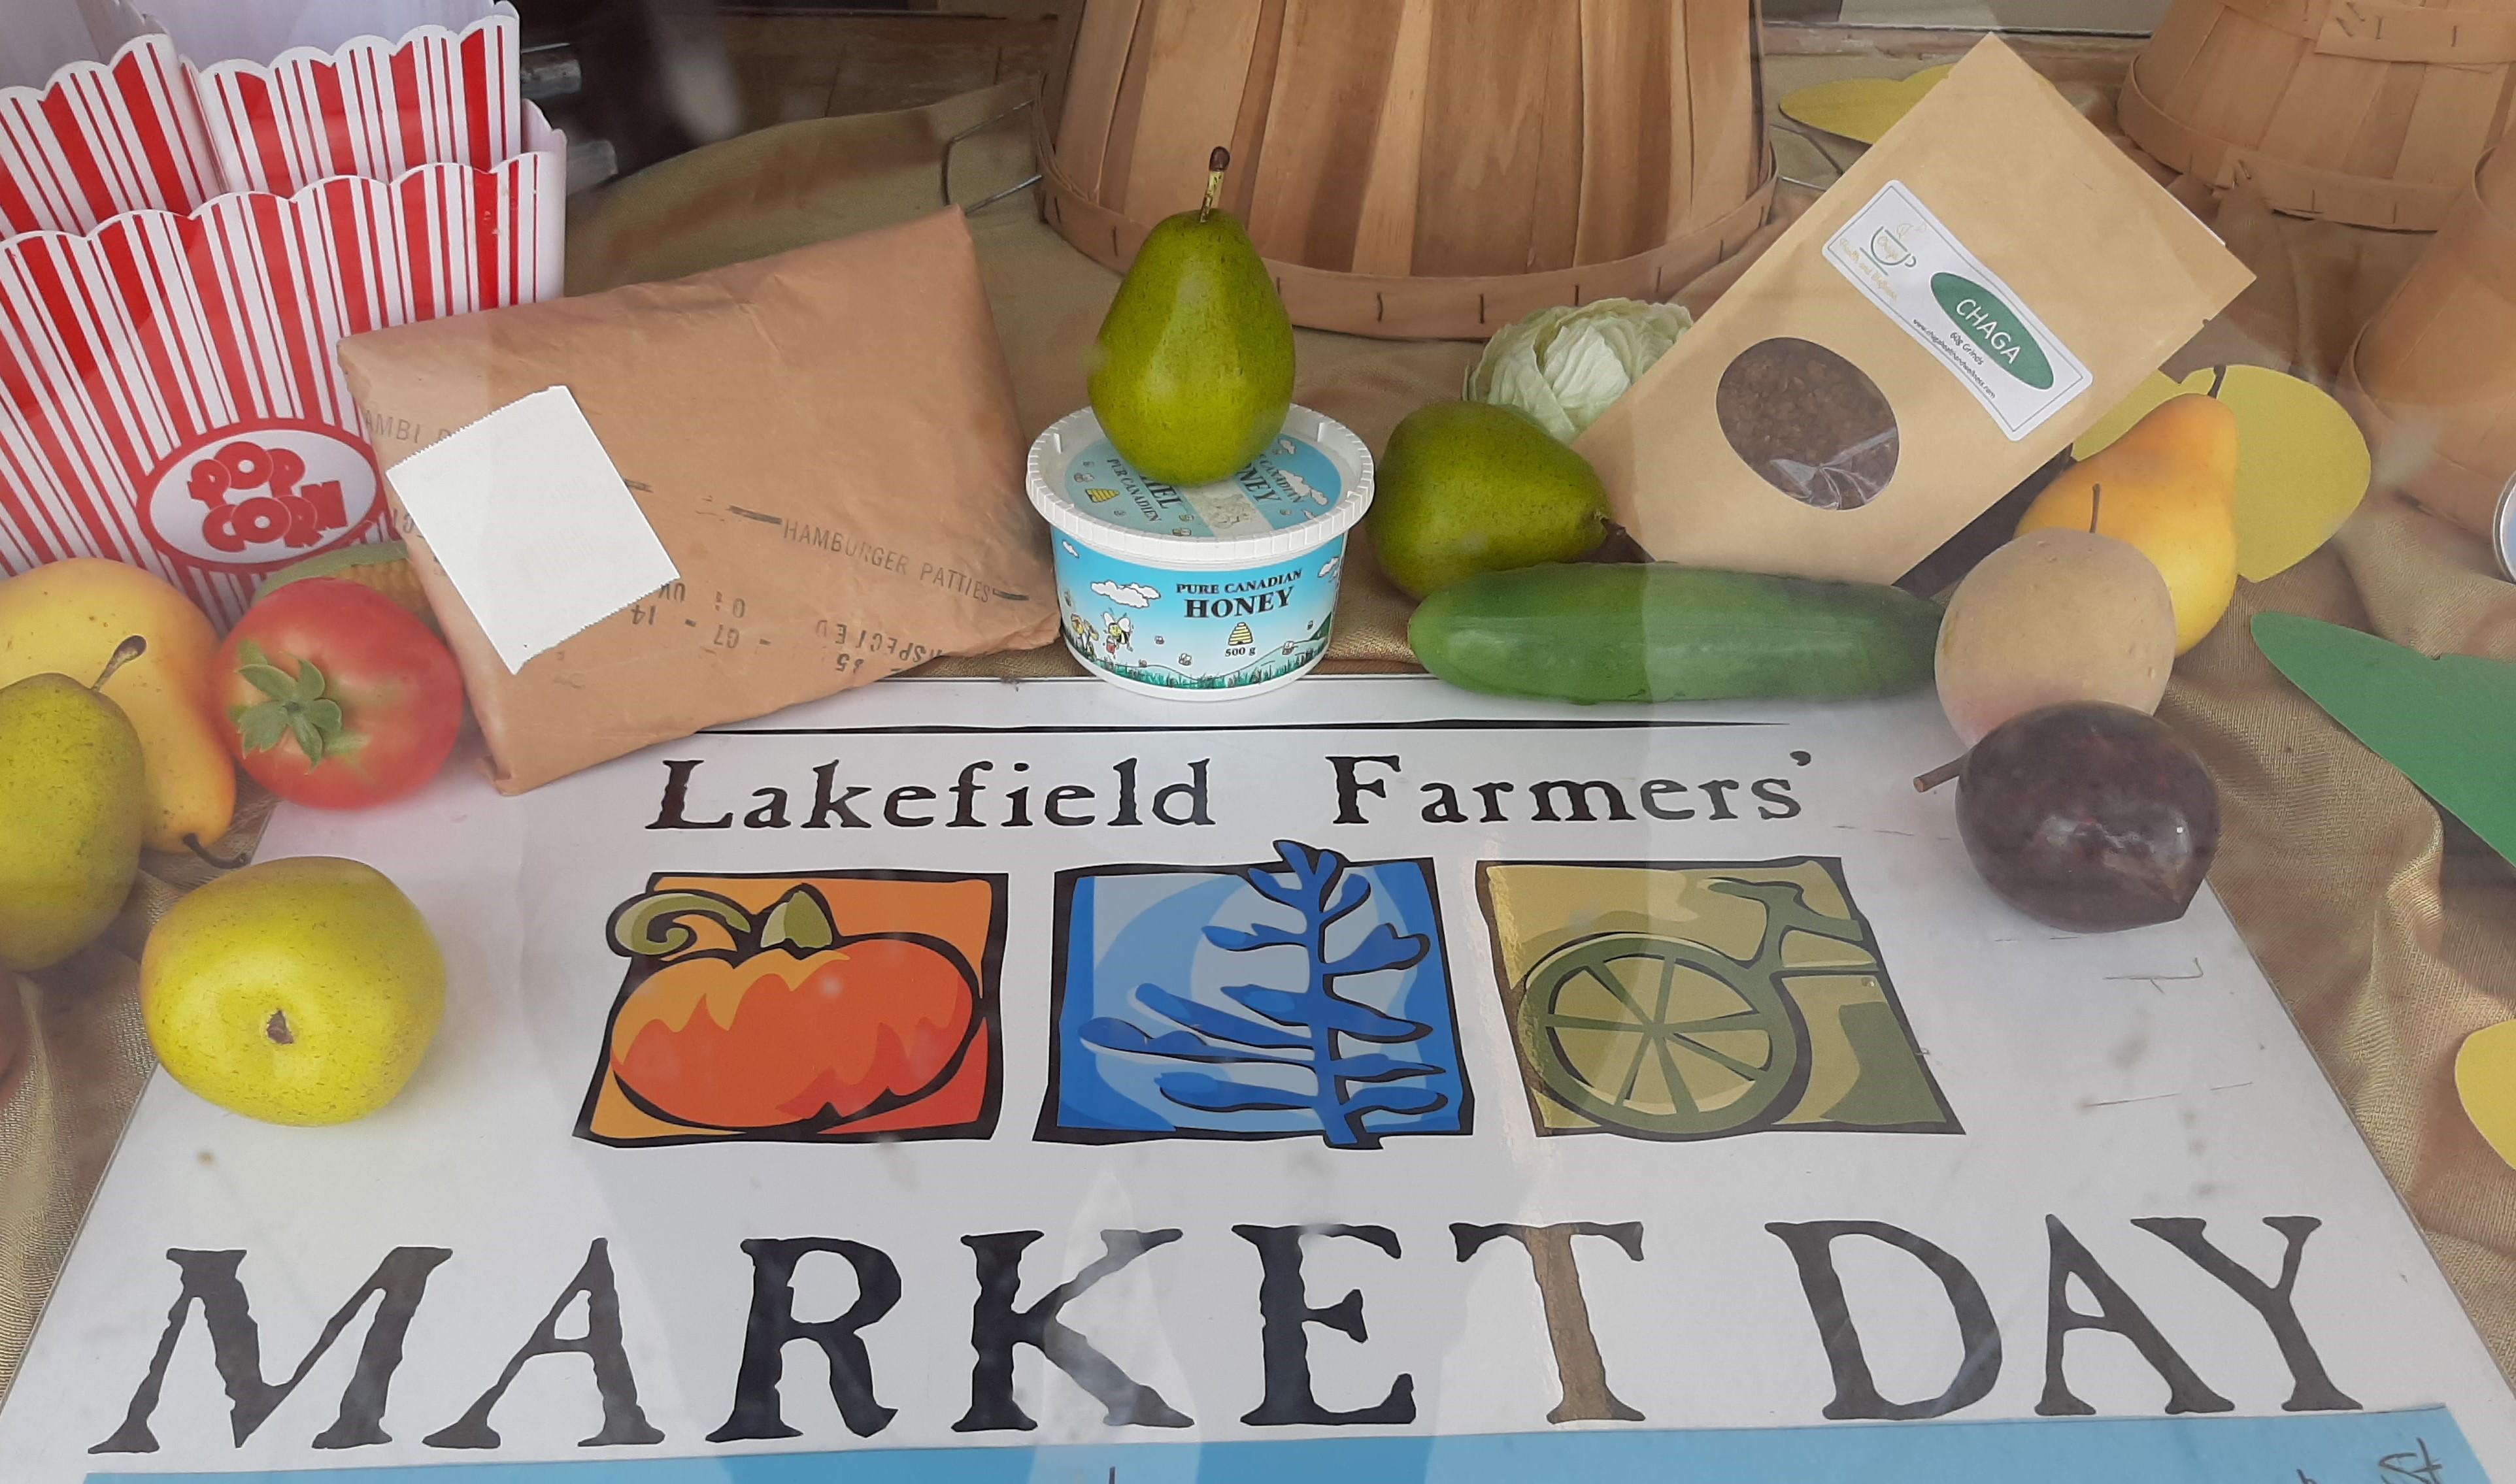 Lakefield Farmer's Market